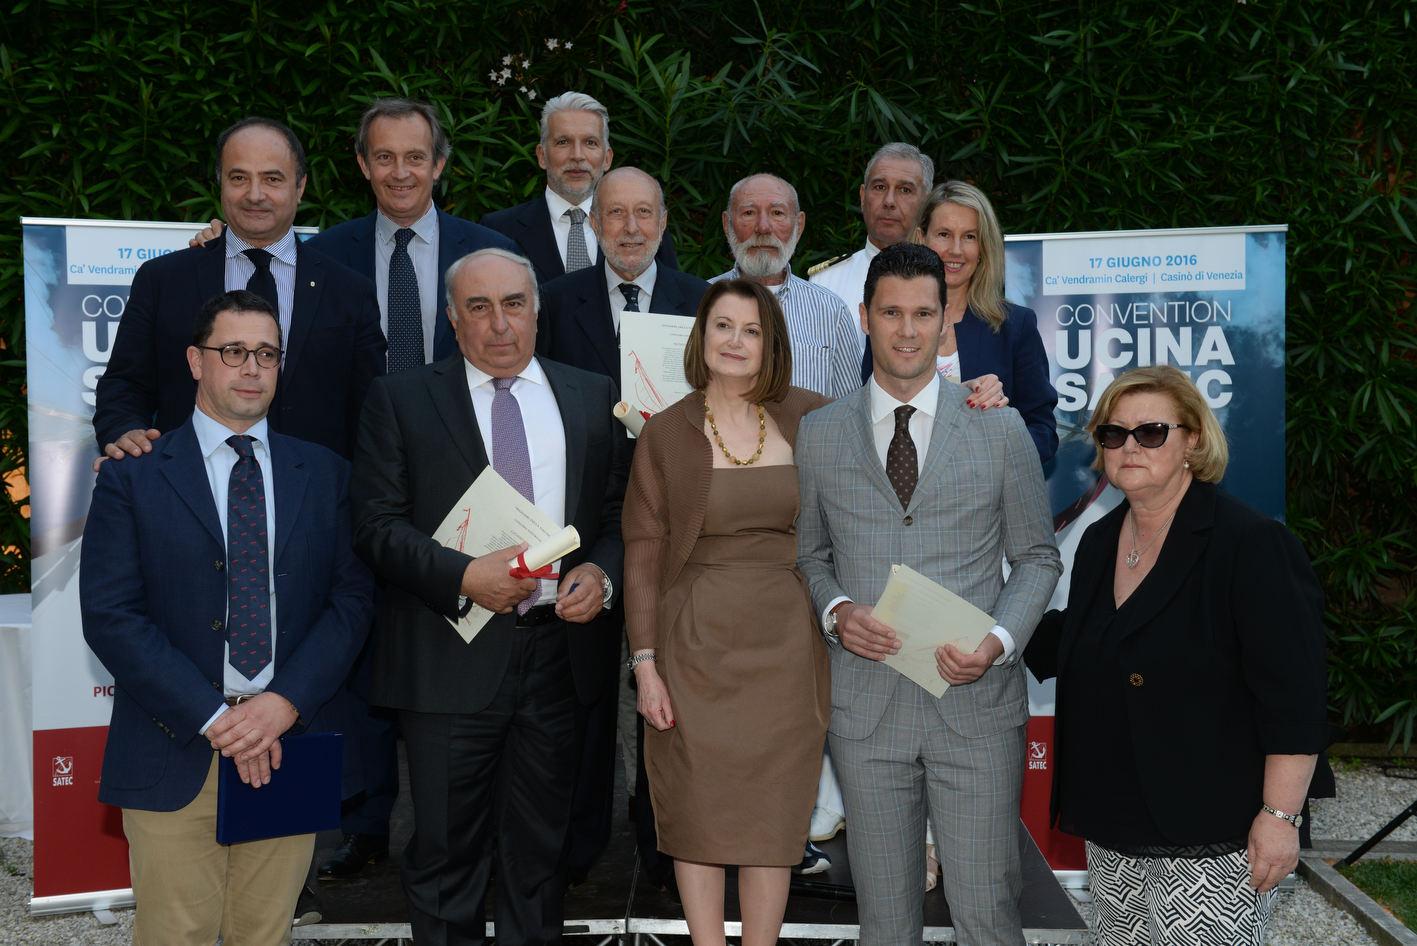 Venezia, 17 giugno 2016  - Ca' Vendramin Calergi - Casino' Municipale di Venezia - Covegno UCINA SATEC - Un anno per la nautica, nuove opportunità c)Marco Sabadin/Vision